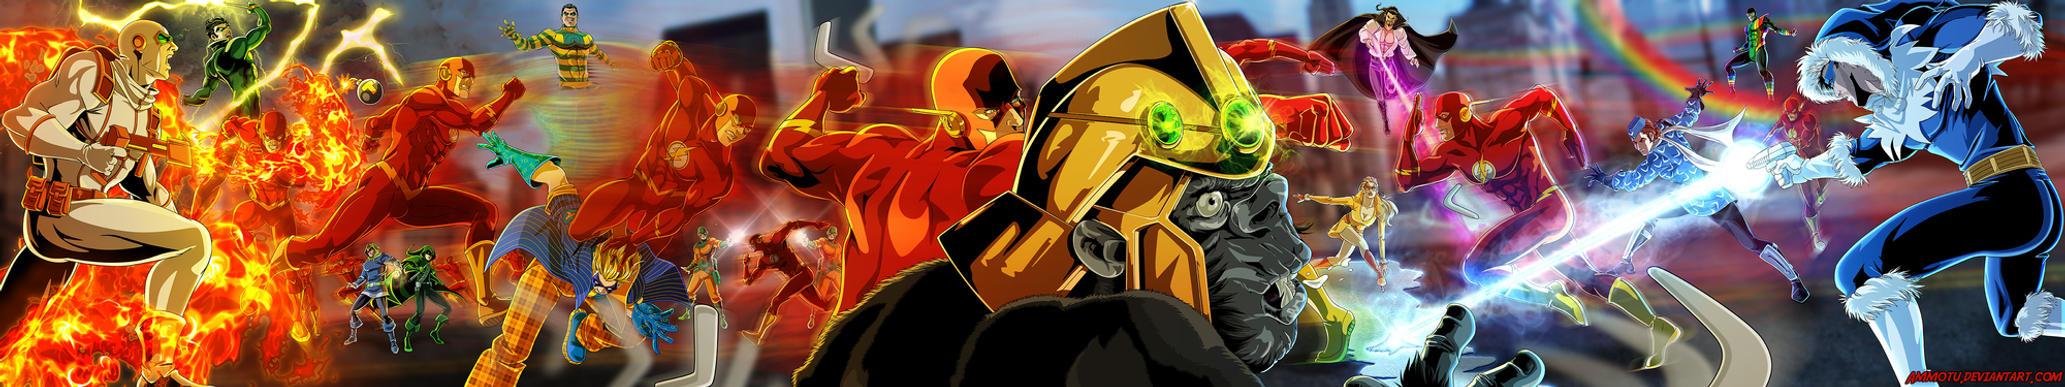 The Flash by Ammotu